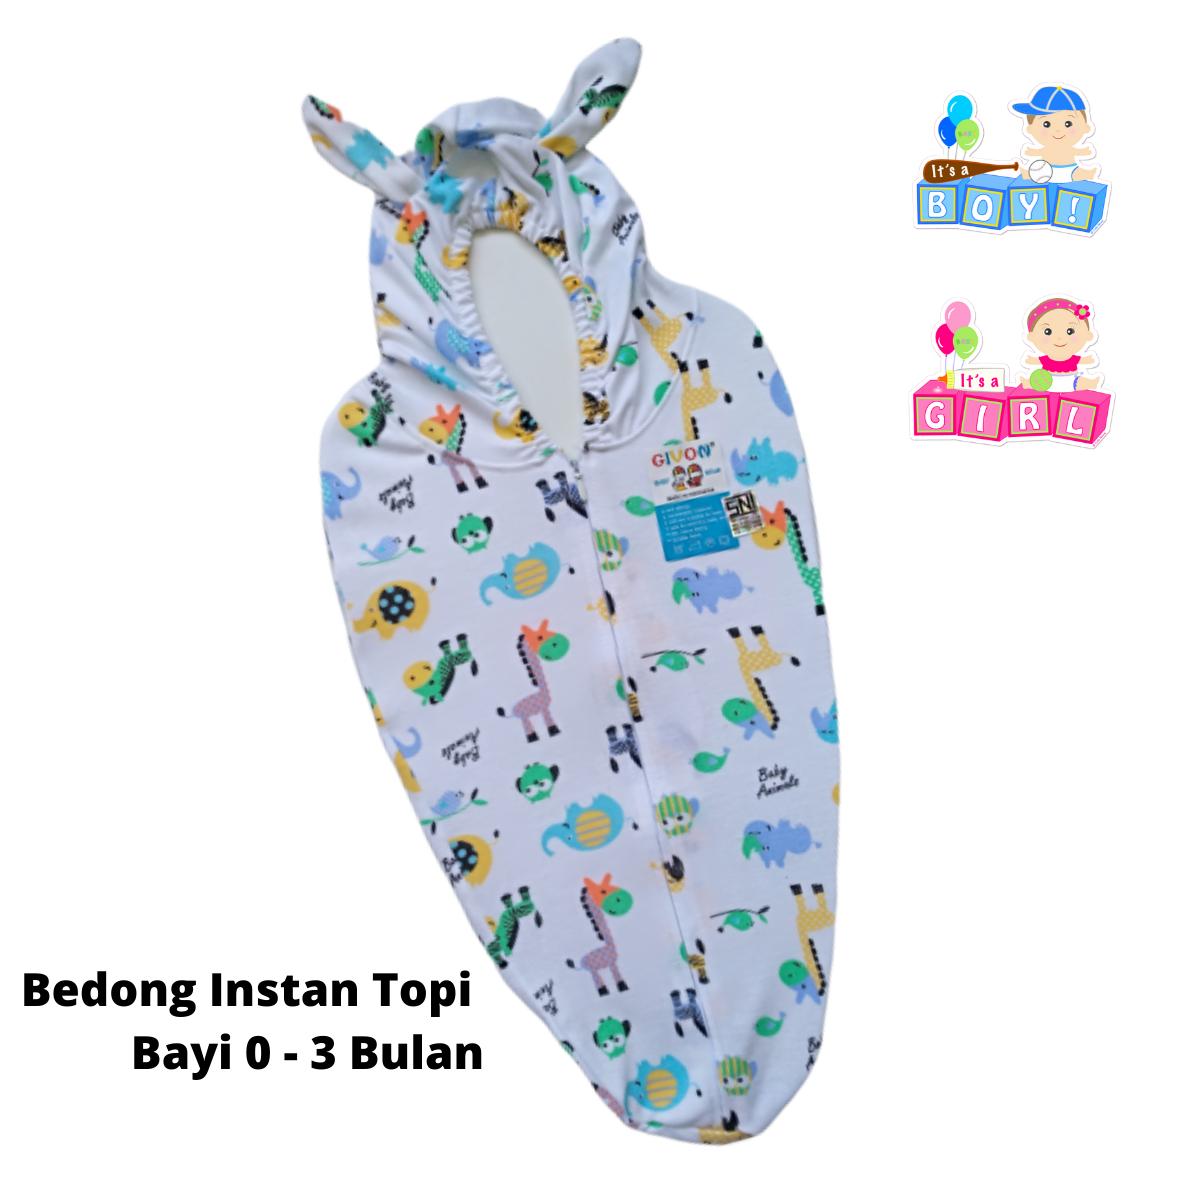 bedong instan topi bayi dengan resleting – katun premium givon newborn  lahir bedong baby 0 –  3 bulan givon